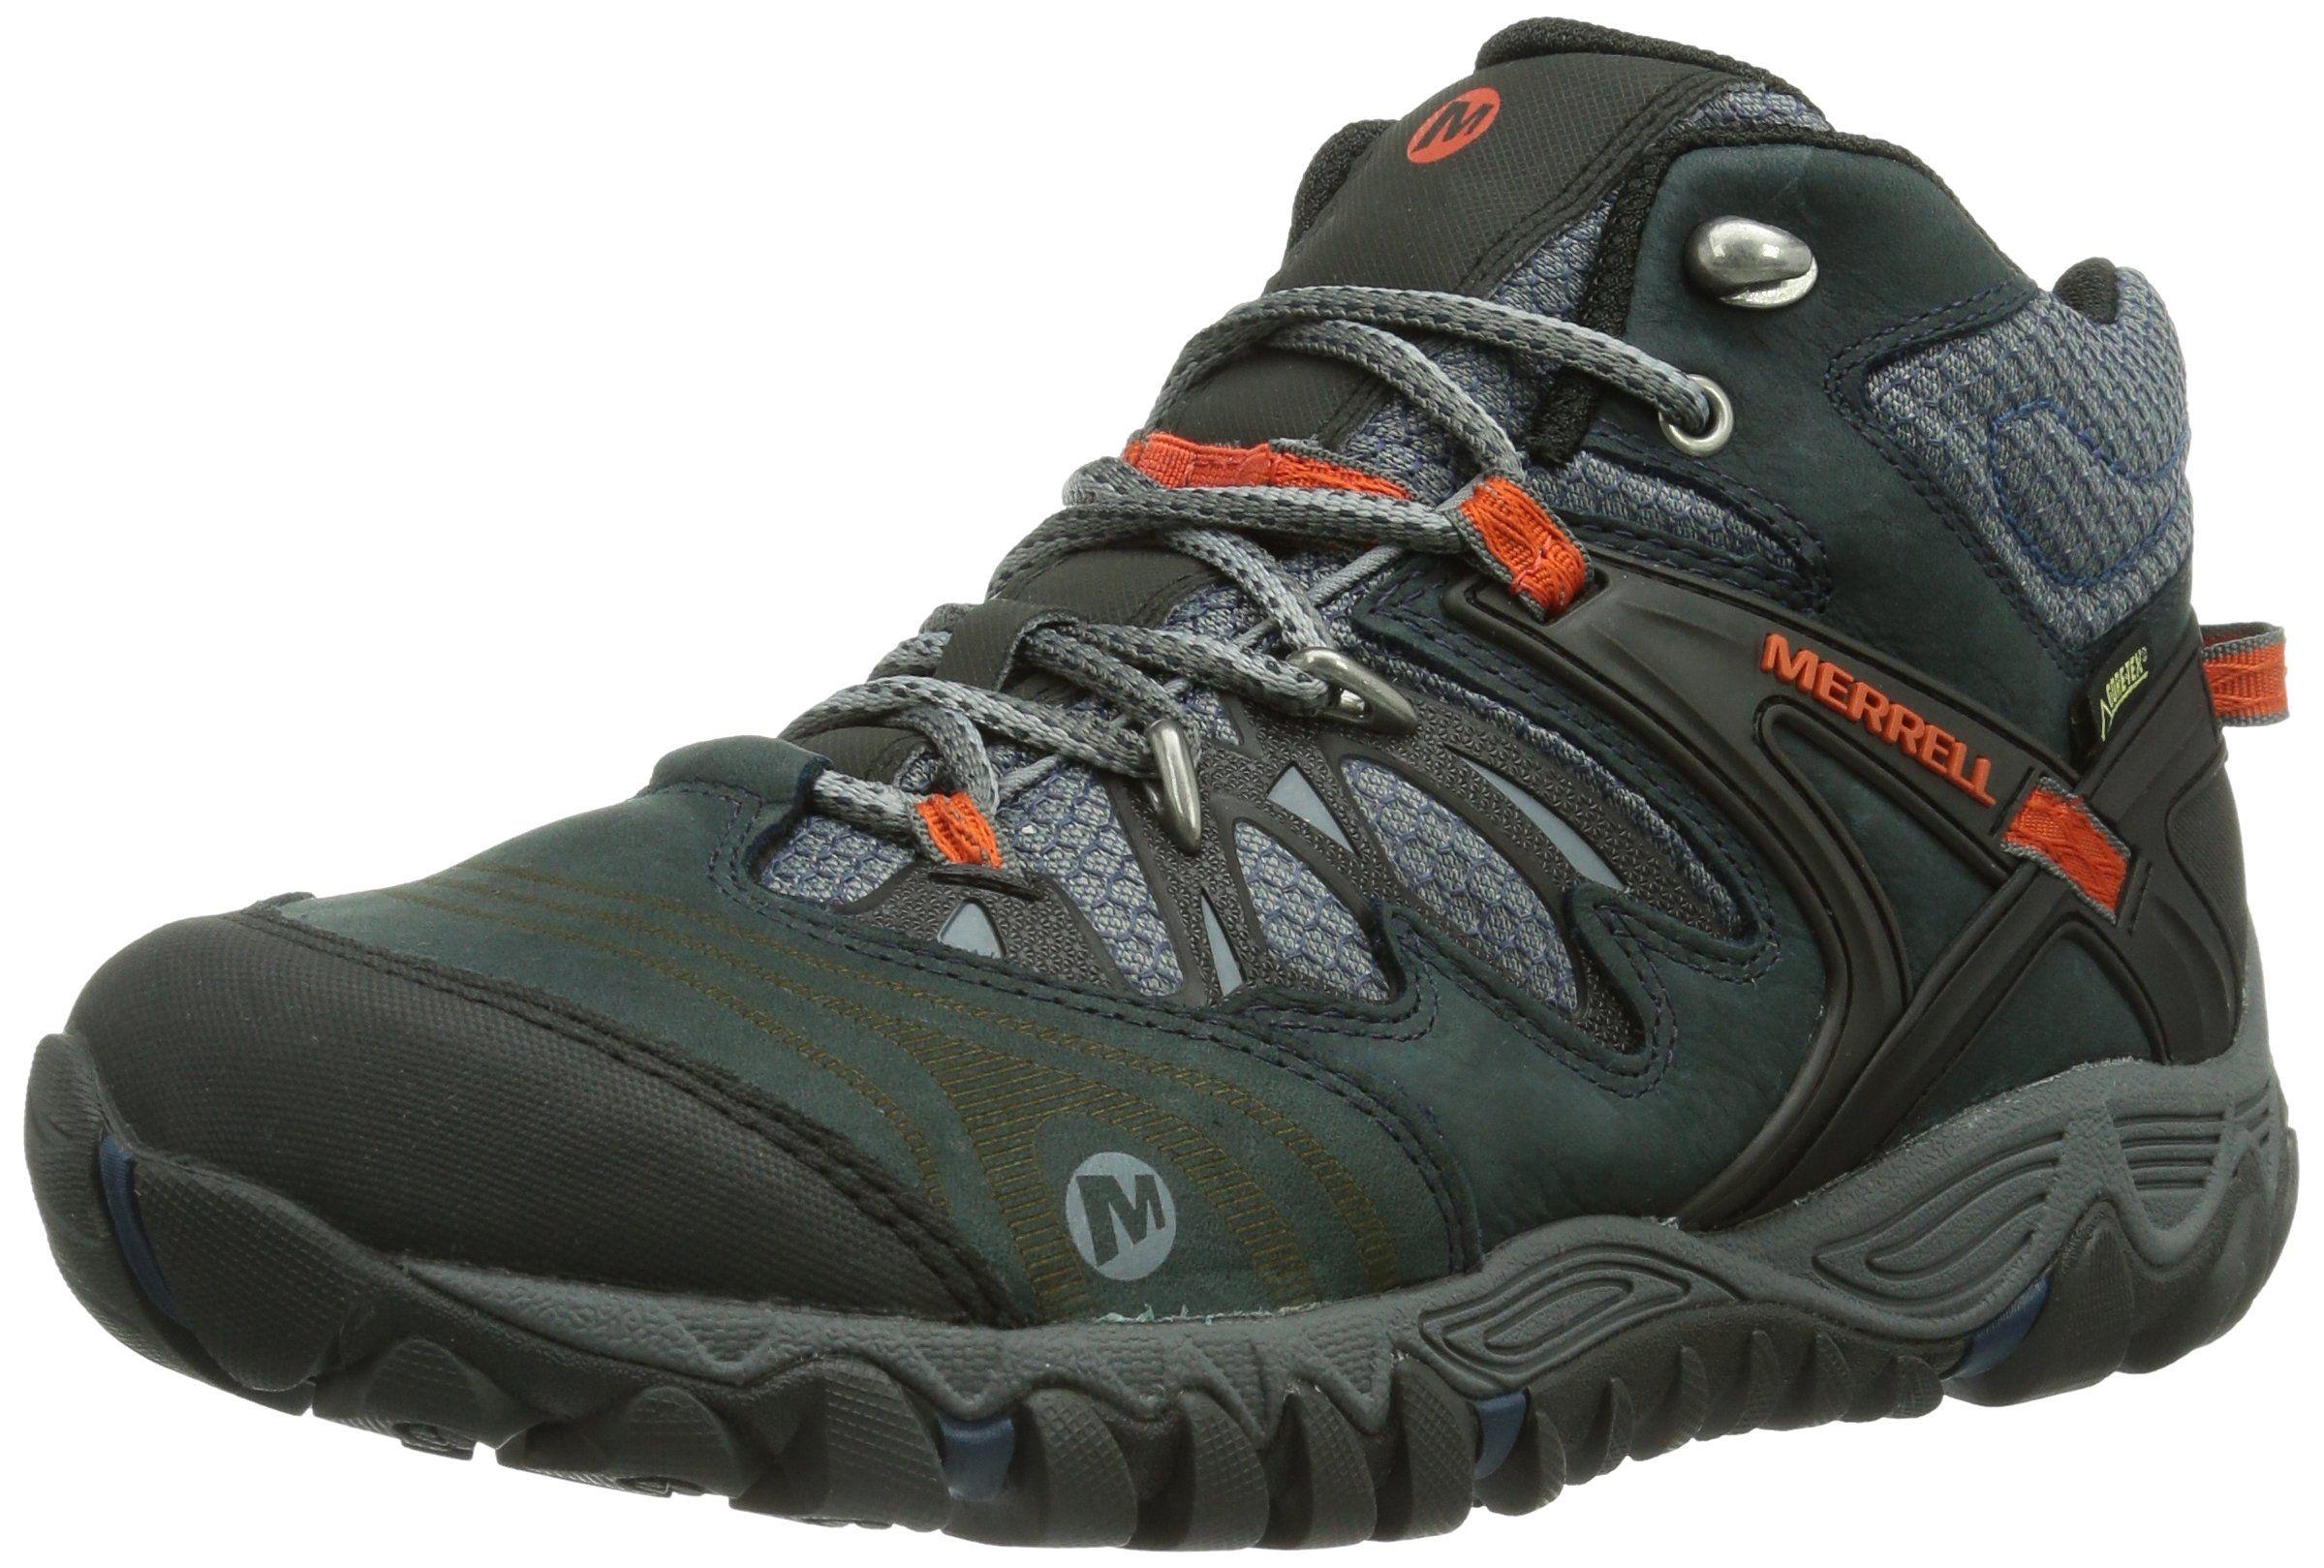 6cf82aab035 Merrell Allout Blaze Mid Gore Tex - Botas de senderismo de cuero para hombre   Amazon.es  Zapatos y complementos